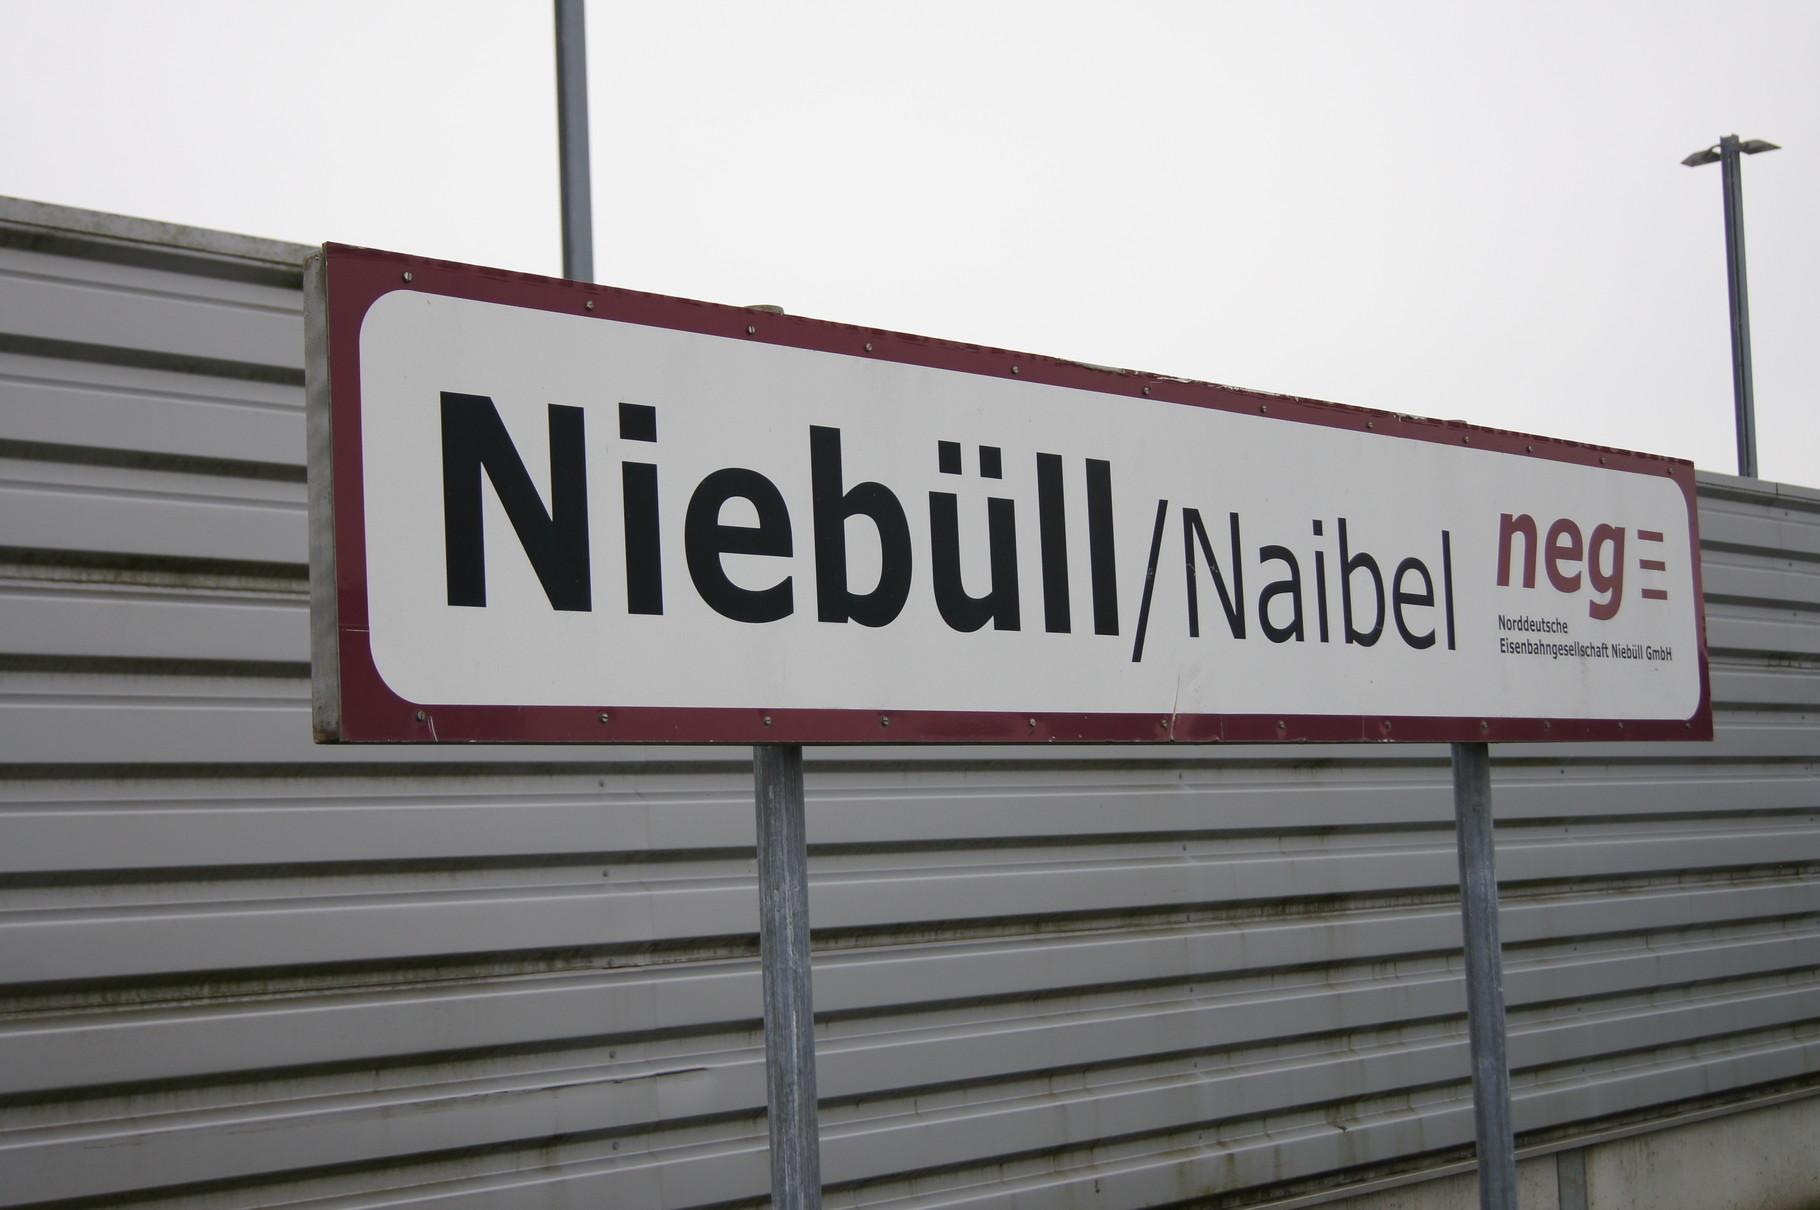 In Nordfriesland werden die Bahnhöfe auch in Friesisch angeschrieben.